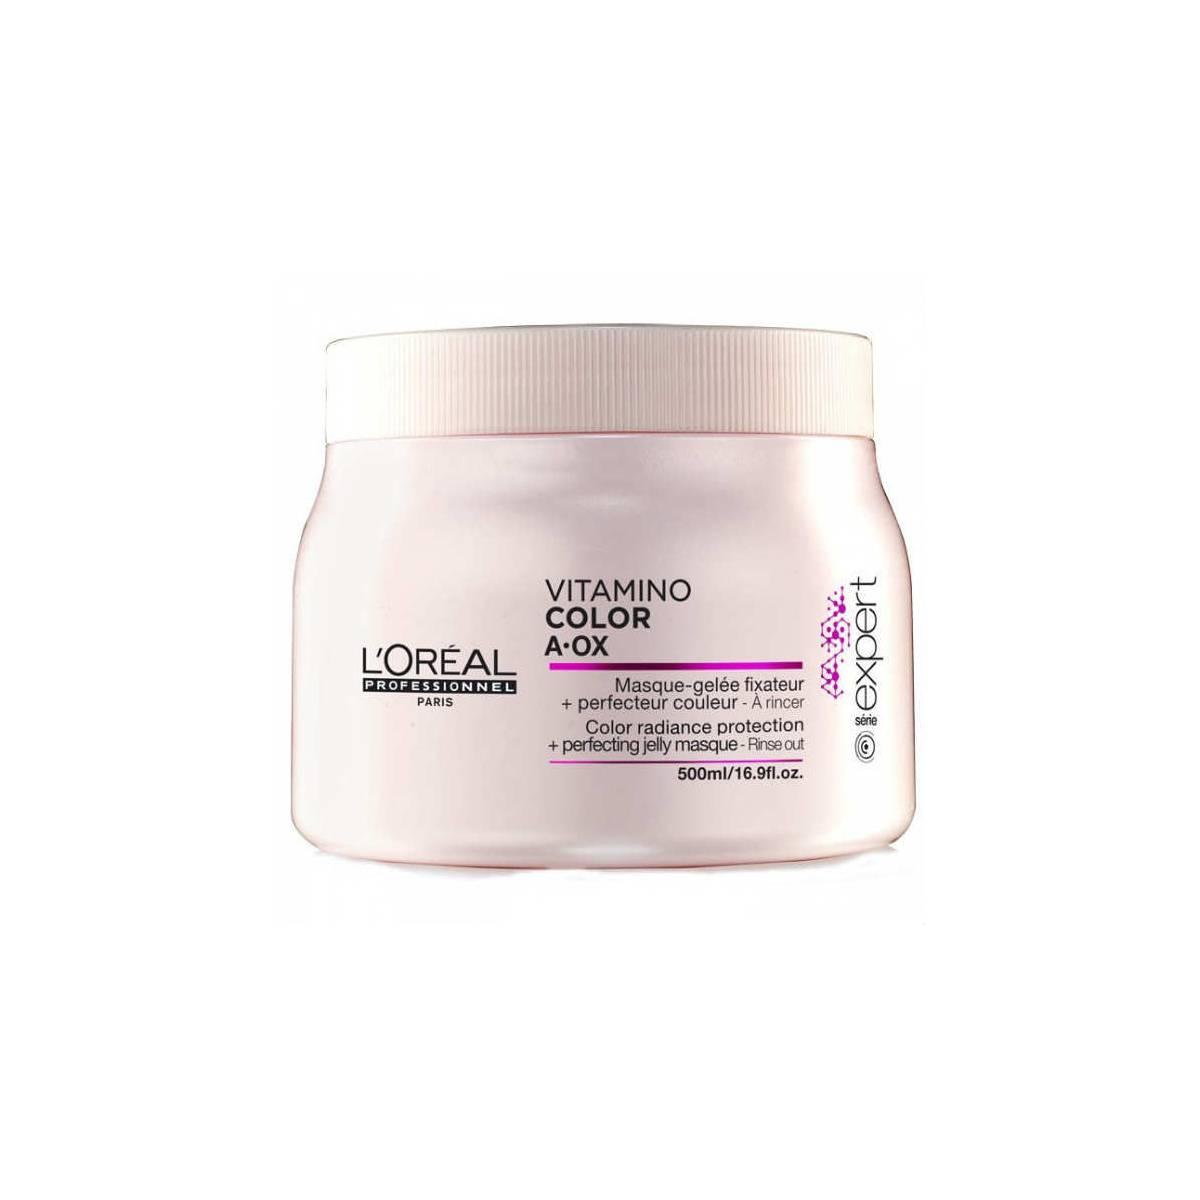 LOreal Professionnel Expert Vitamino Маска-фиксатор цвета Color AOX 500 млFS-36054Маска-фиксатор цвета Витамино Колор – это средство, предназначенное для ухода за окрашенными волосами. Средство обладает особой формулой, благодаря которой на волосах образуется защитная плёнка, препятствующая вымыванию цвета и обеспечивающая волосам защиту от воздействия негативных факторов. Эффект будет очевиден уже после первого применения: волосы станут упругими и мягкими, приобретут изысканный блеск. При регулярном применении волосы будут выглядеть так, будто вы недавно посетили салон красоты. Кроме того, улучшится и структура волос, а их цвет не потускнеет даже спустя долгое время.